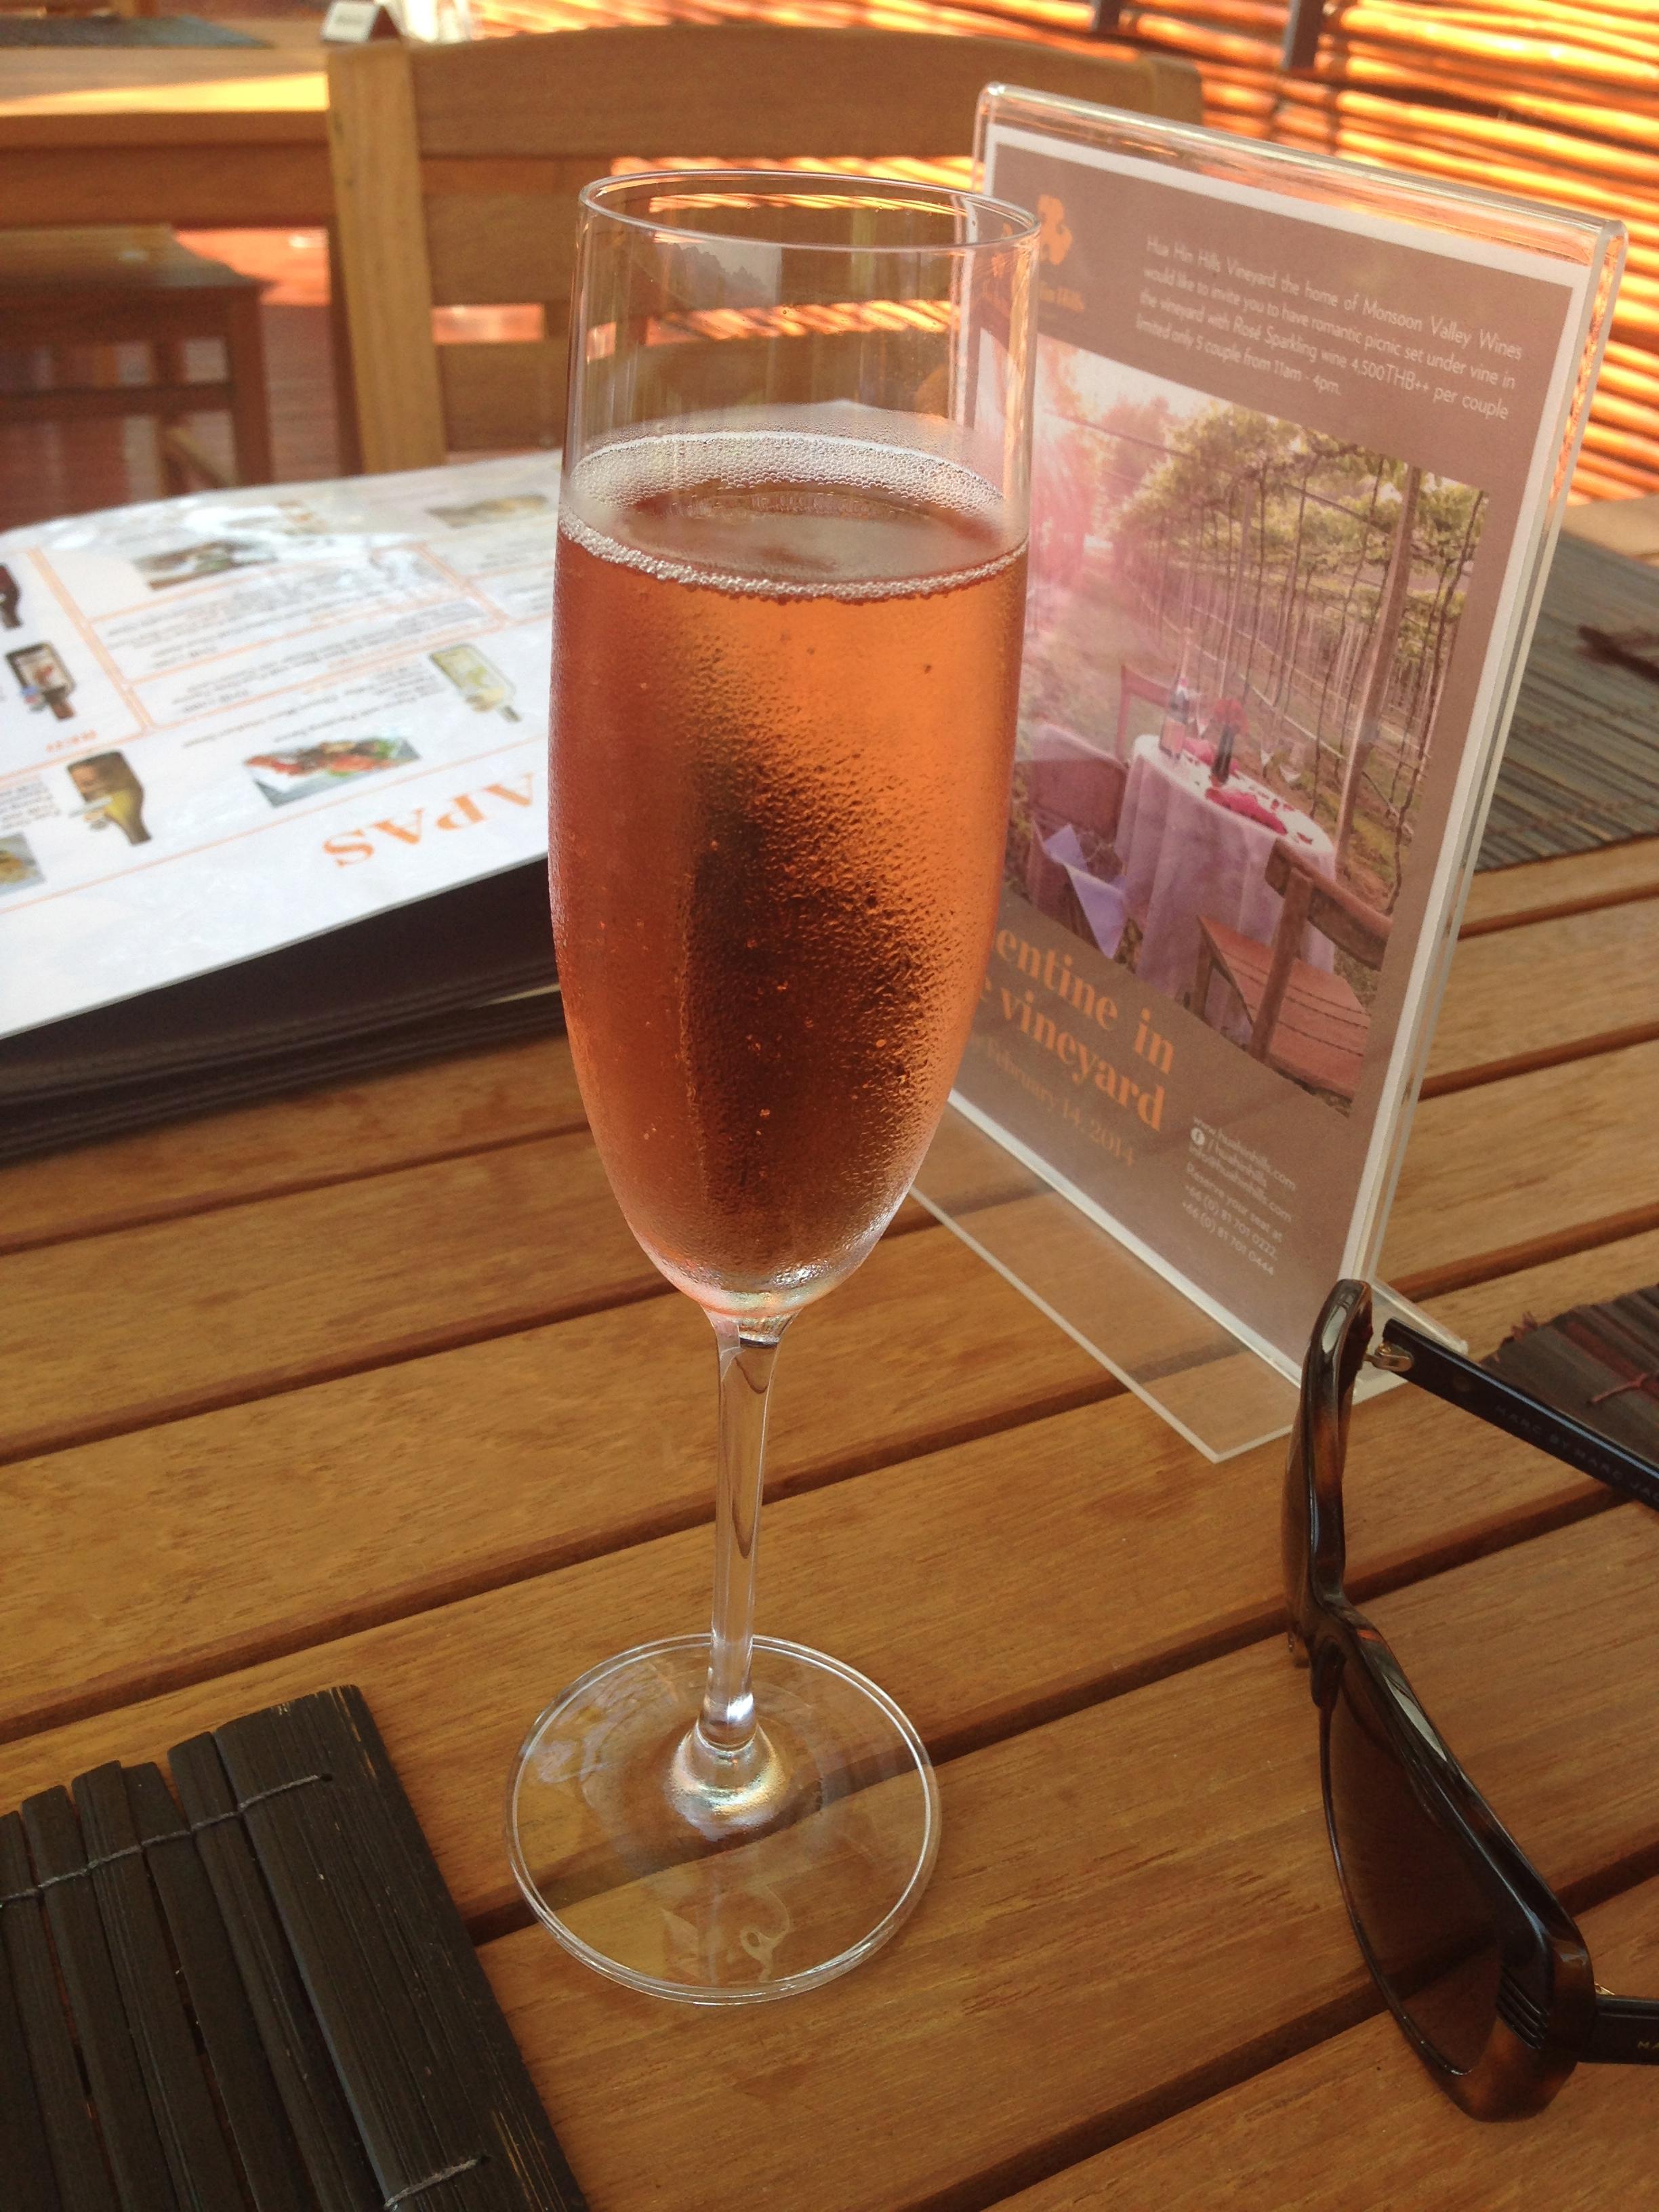 Yummy bubbles   Hua Hin, Thailand   February 2014